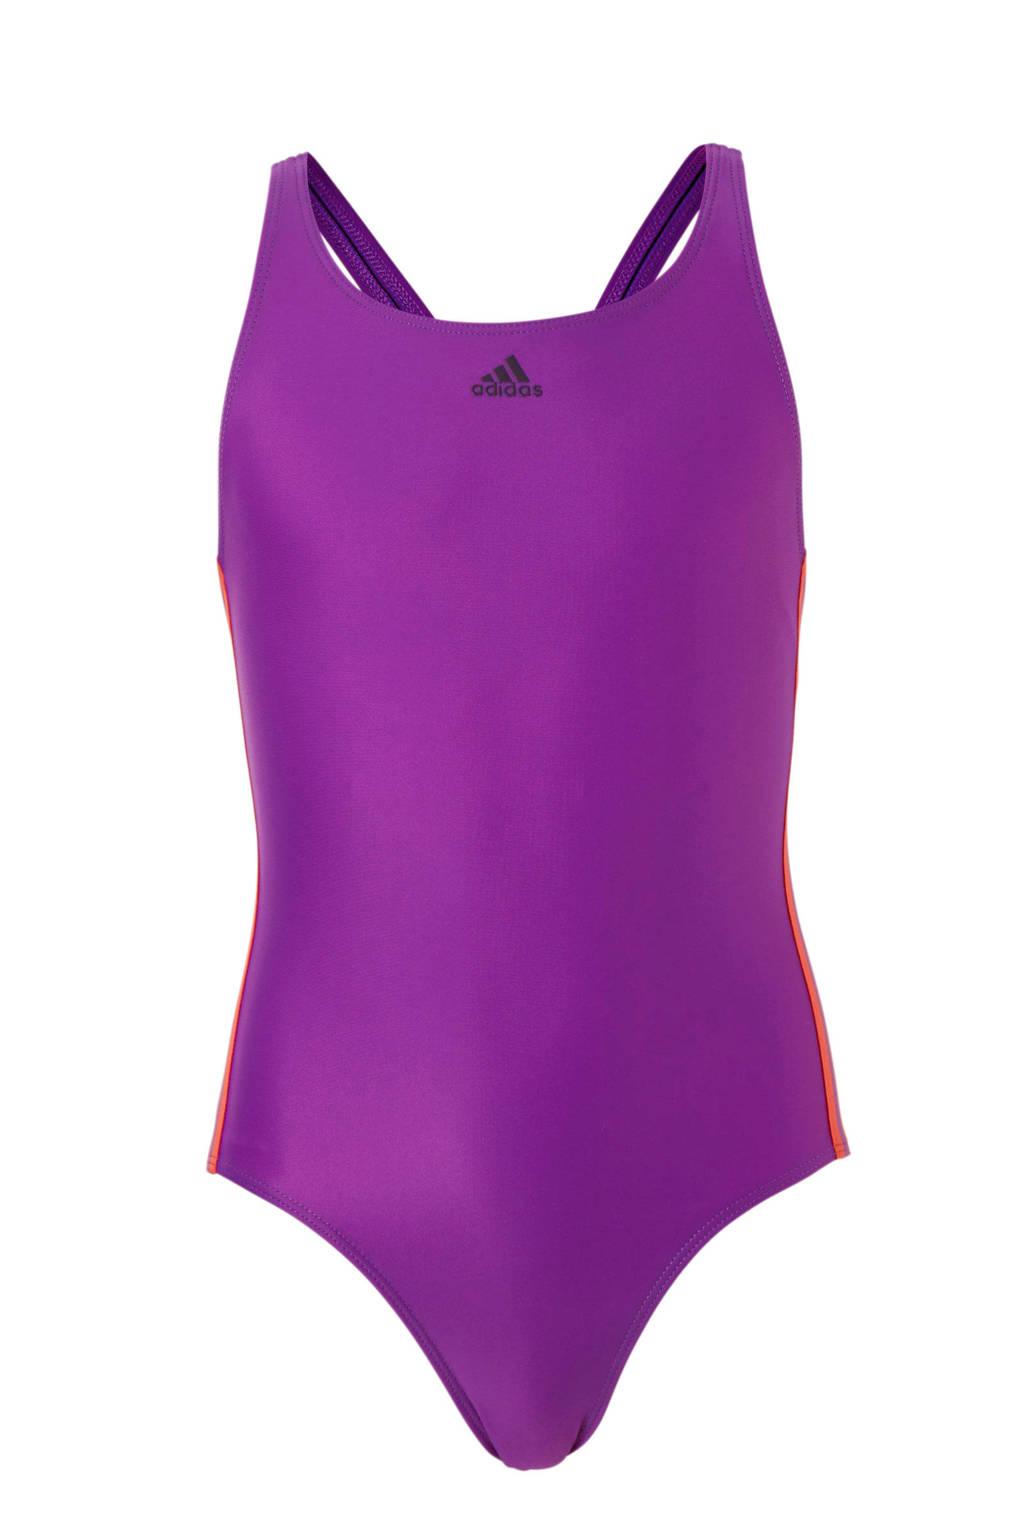 adidas sportbadpak met 3-stripes paars, Paars/roze